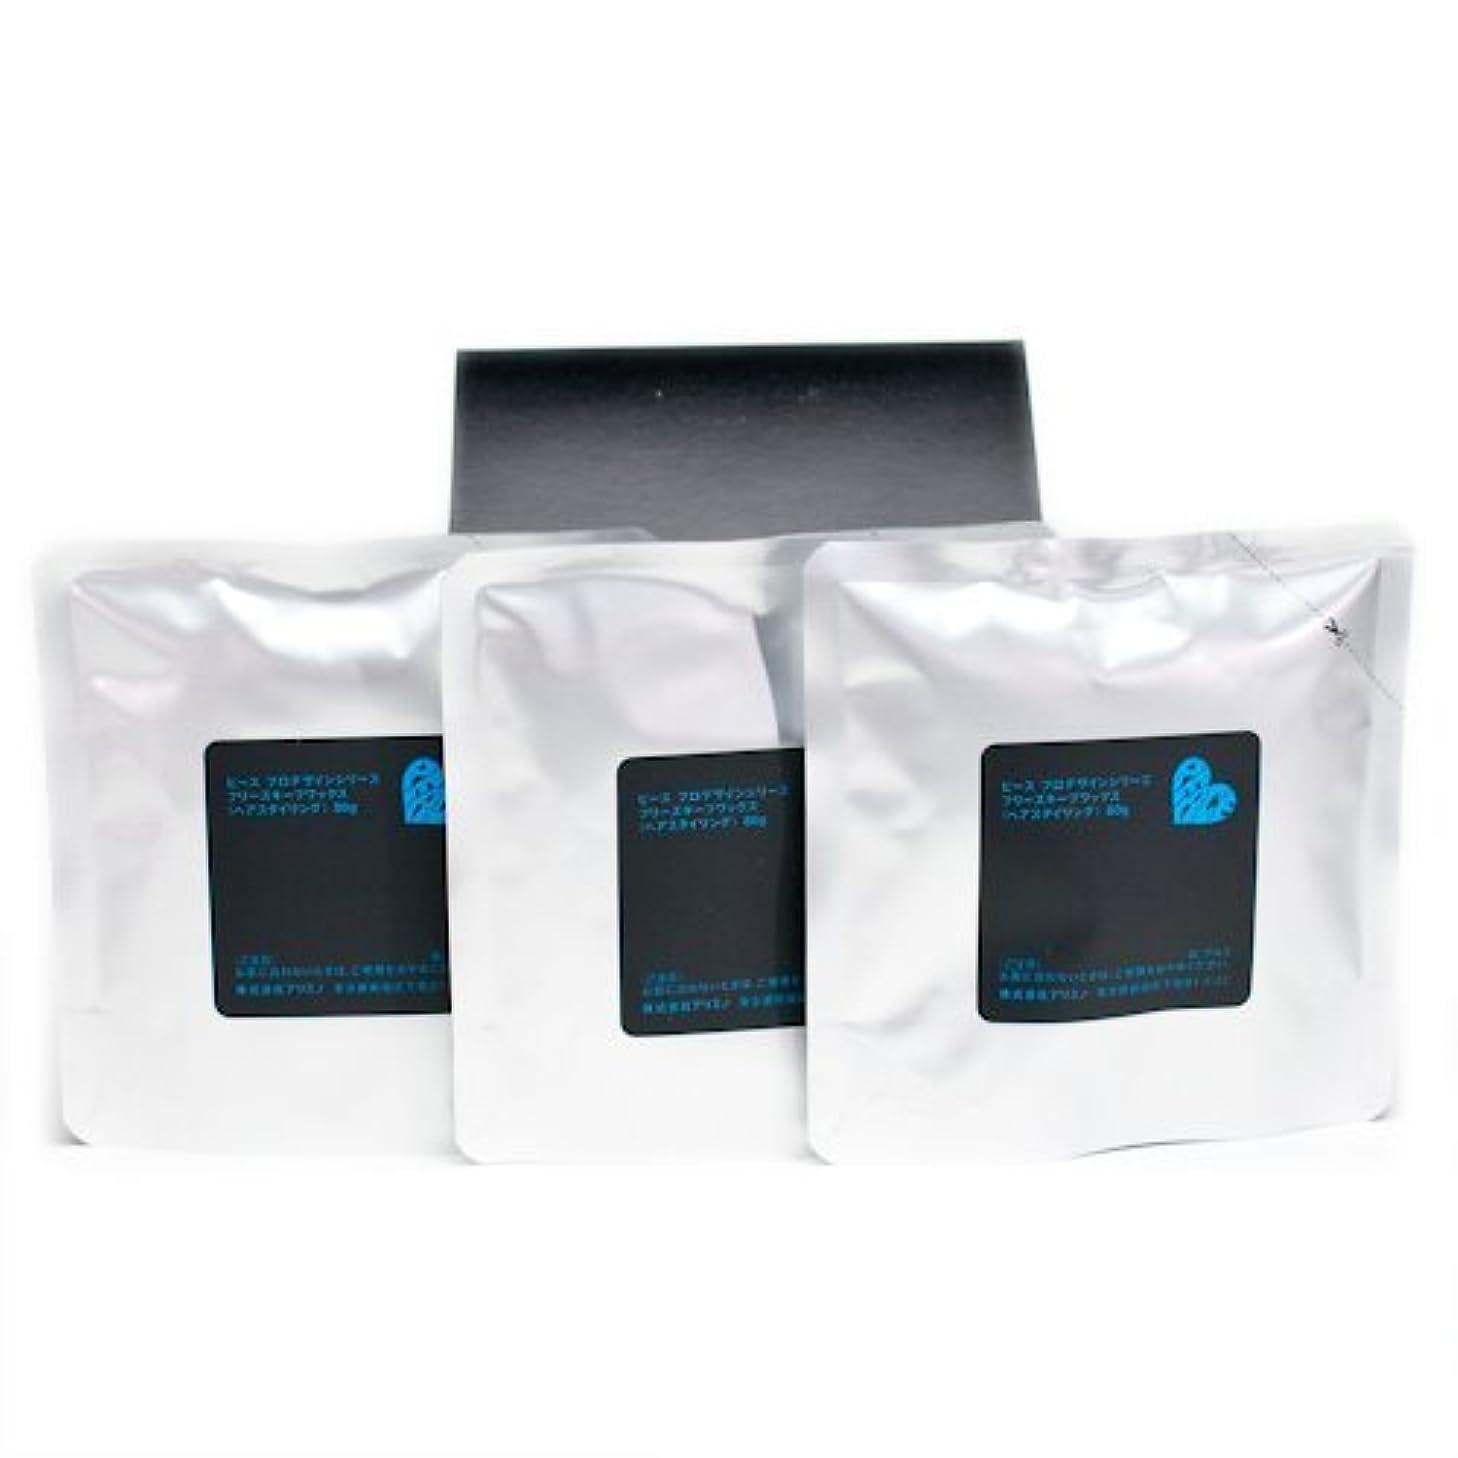 アリミノ ピース フリーズキープワックス (ブラック)80g(業務?詰替用)×3個入り